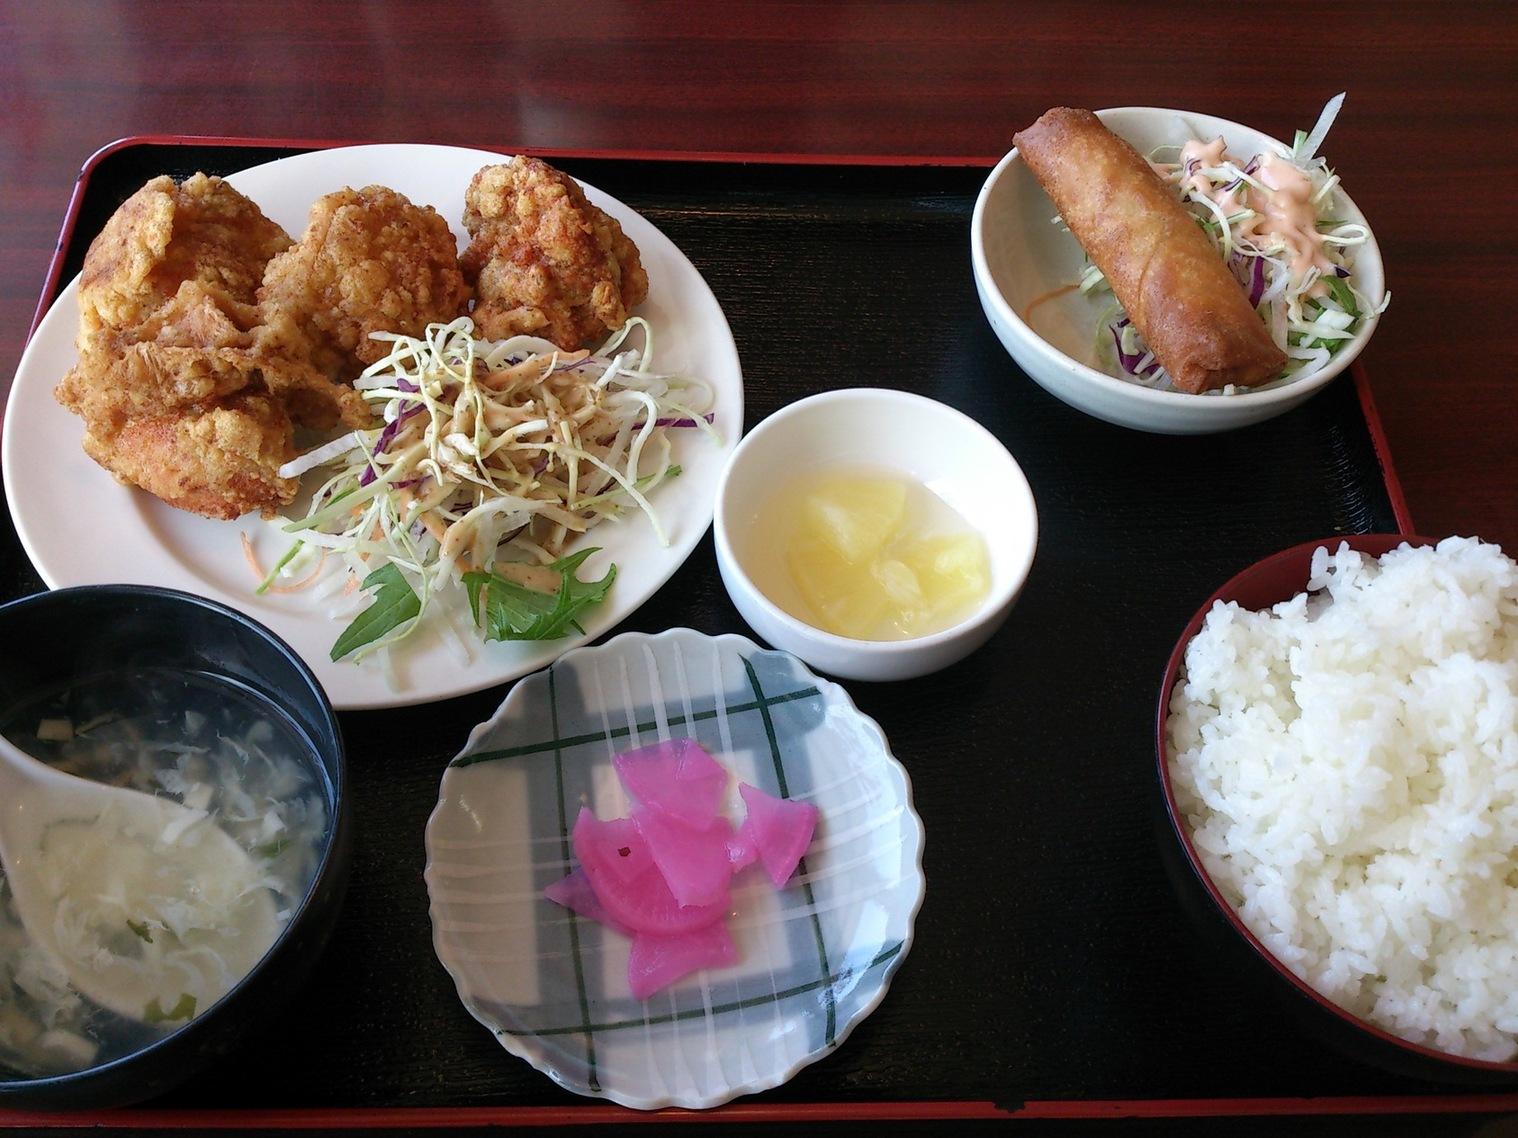 台湾料理 四季紅 鹿嶋店